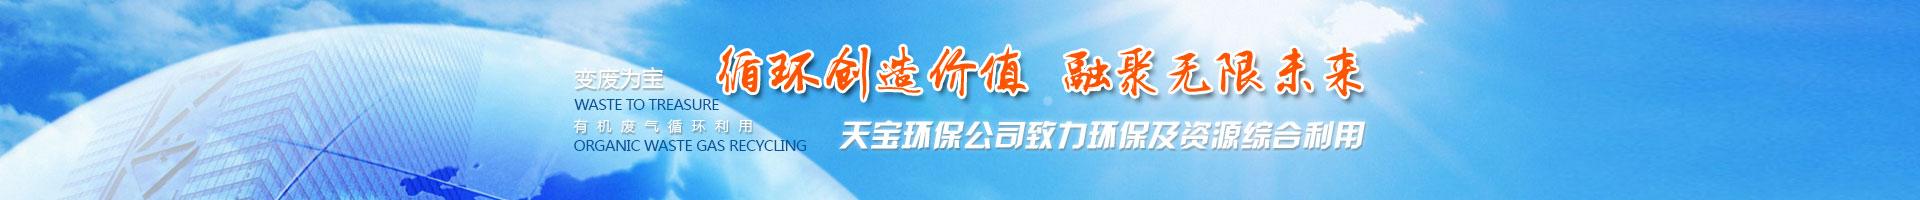 雷火电竞网址-雷火电竞app ios下载-雷火电竞官方网址